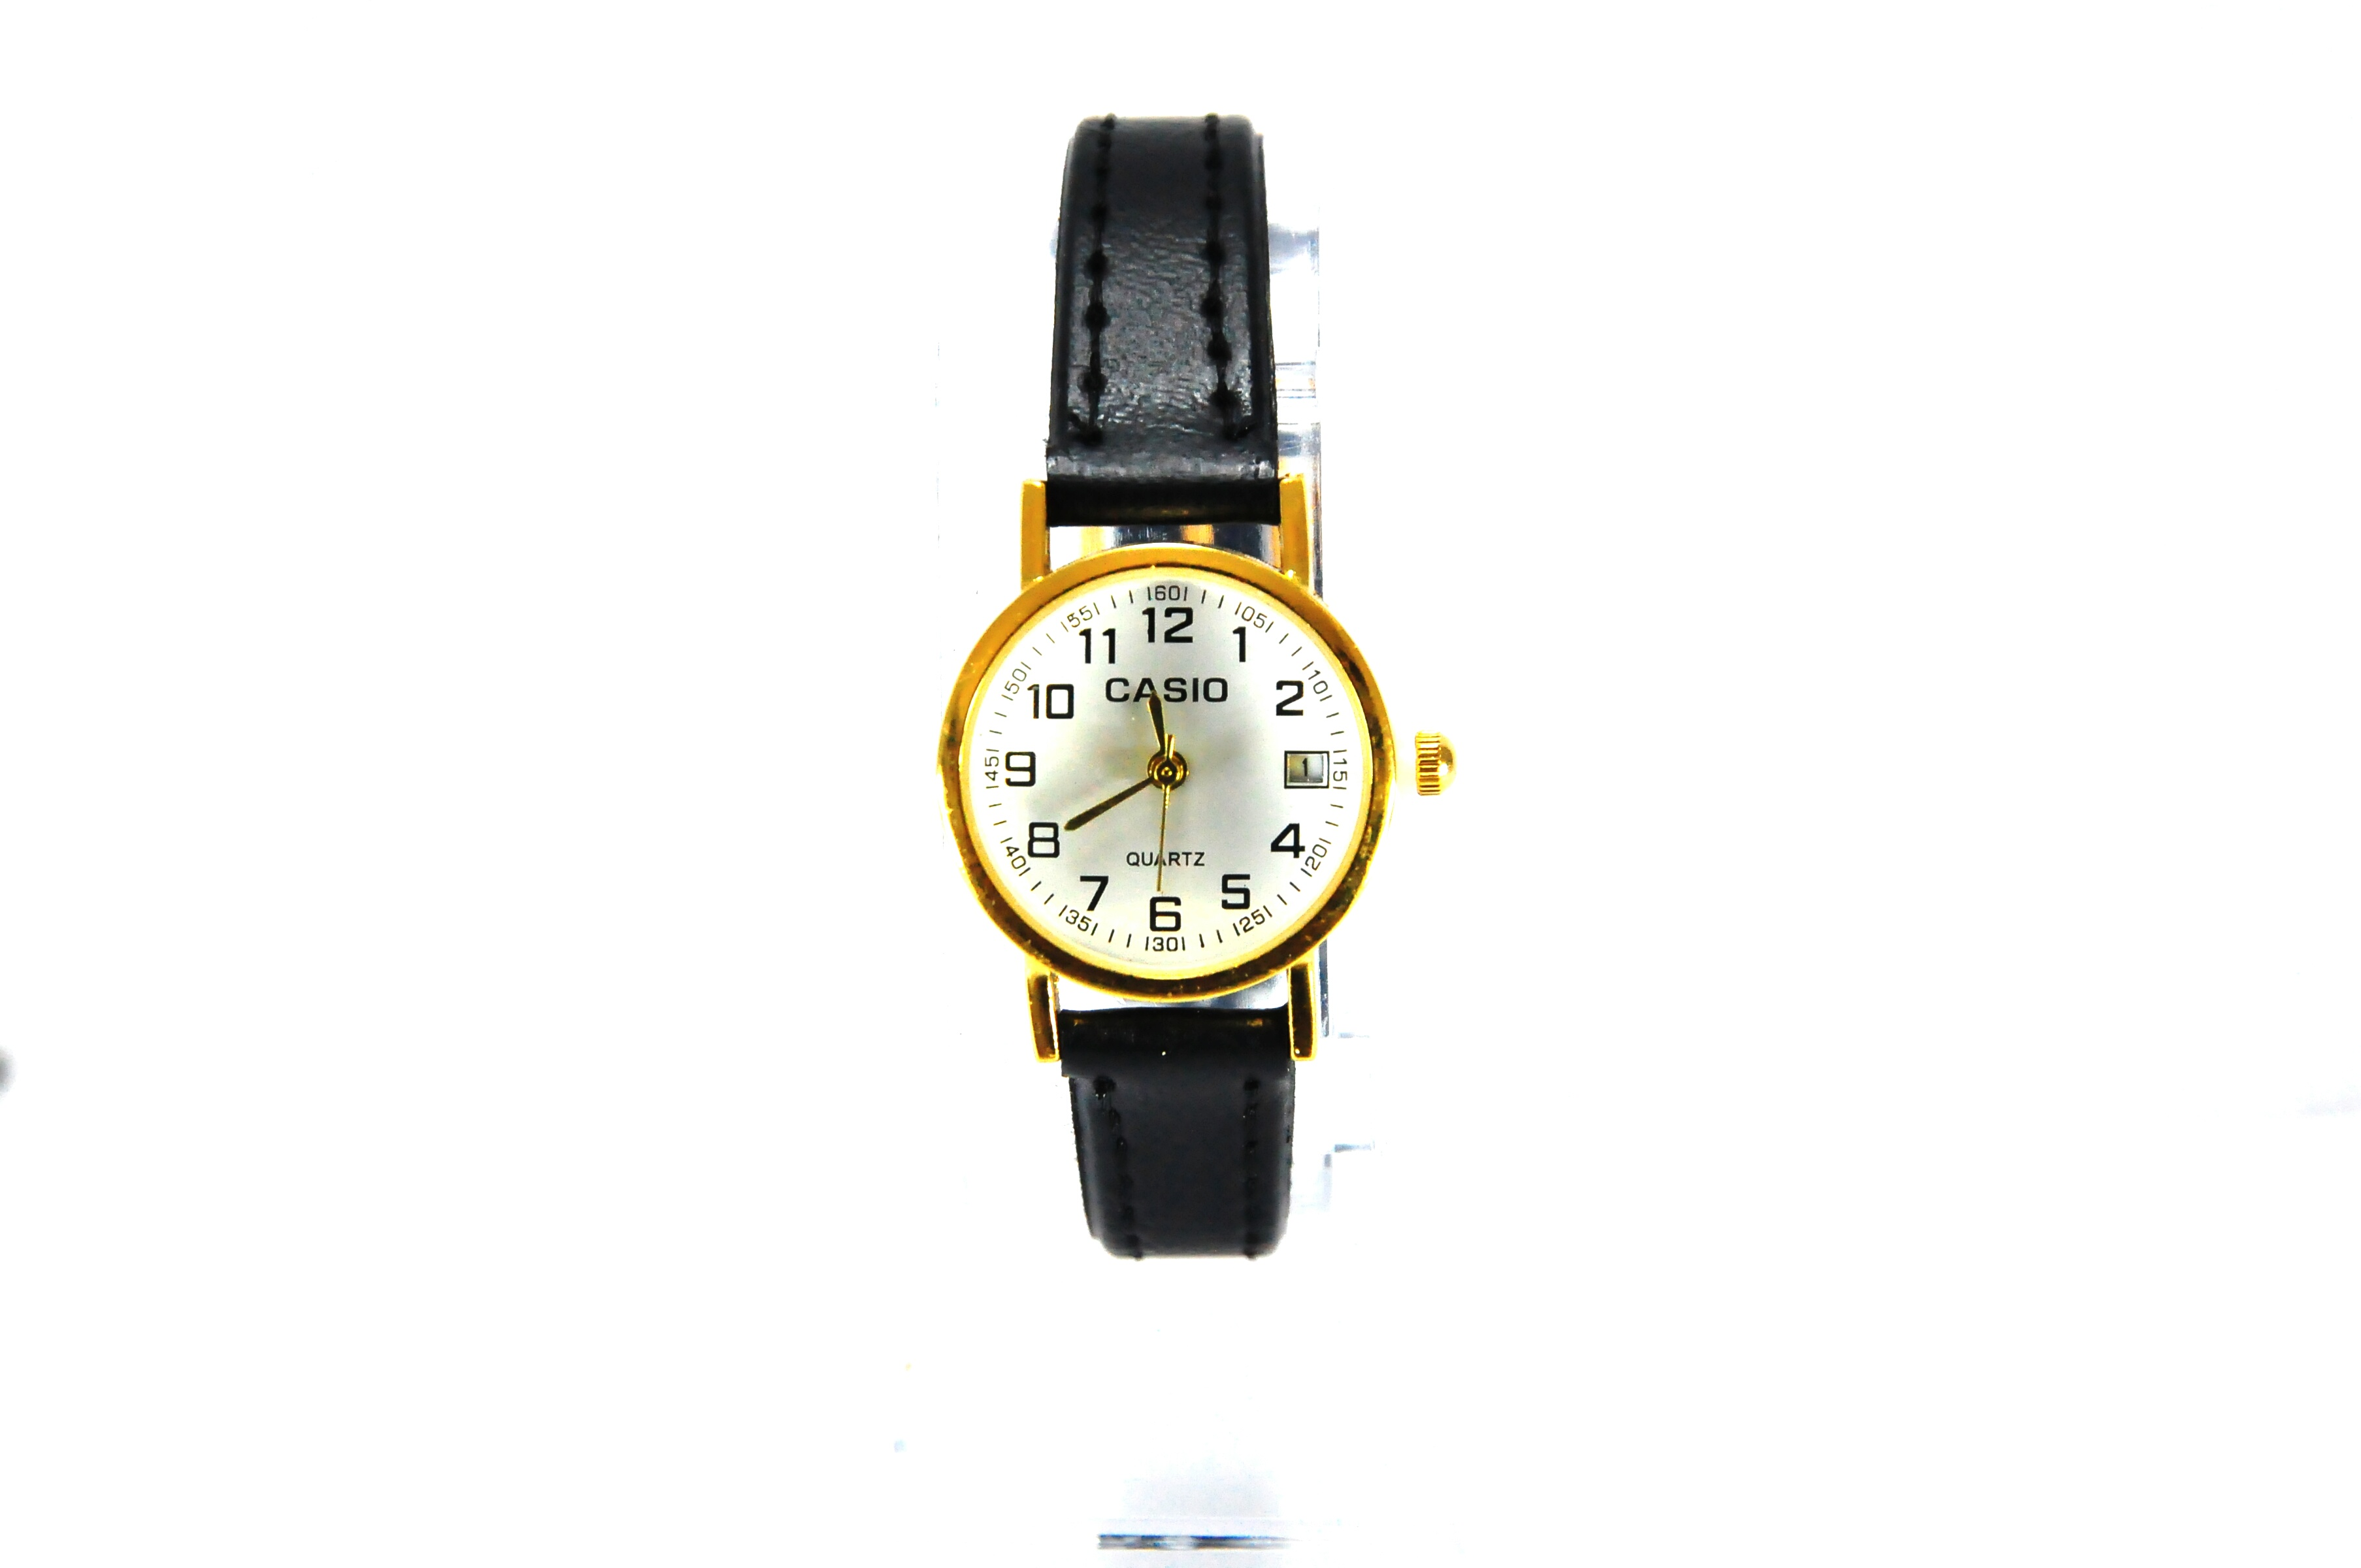 นาฬิกาแฟชั่น หรู คาเซีย